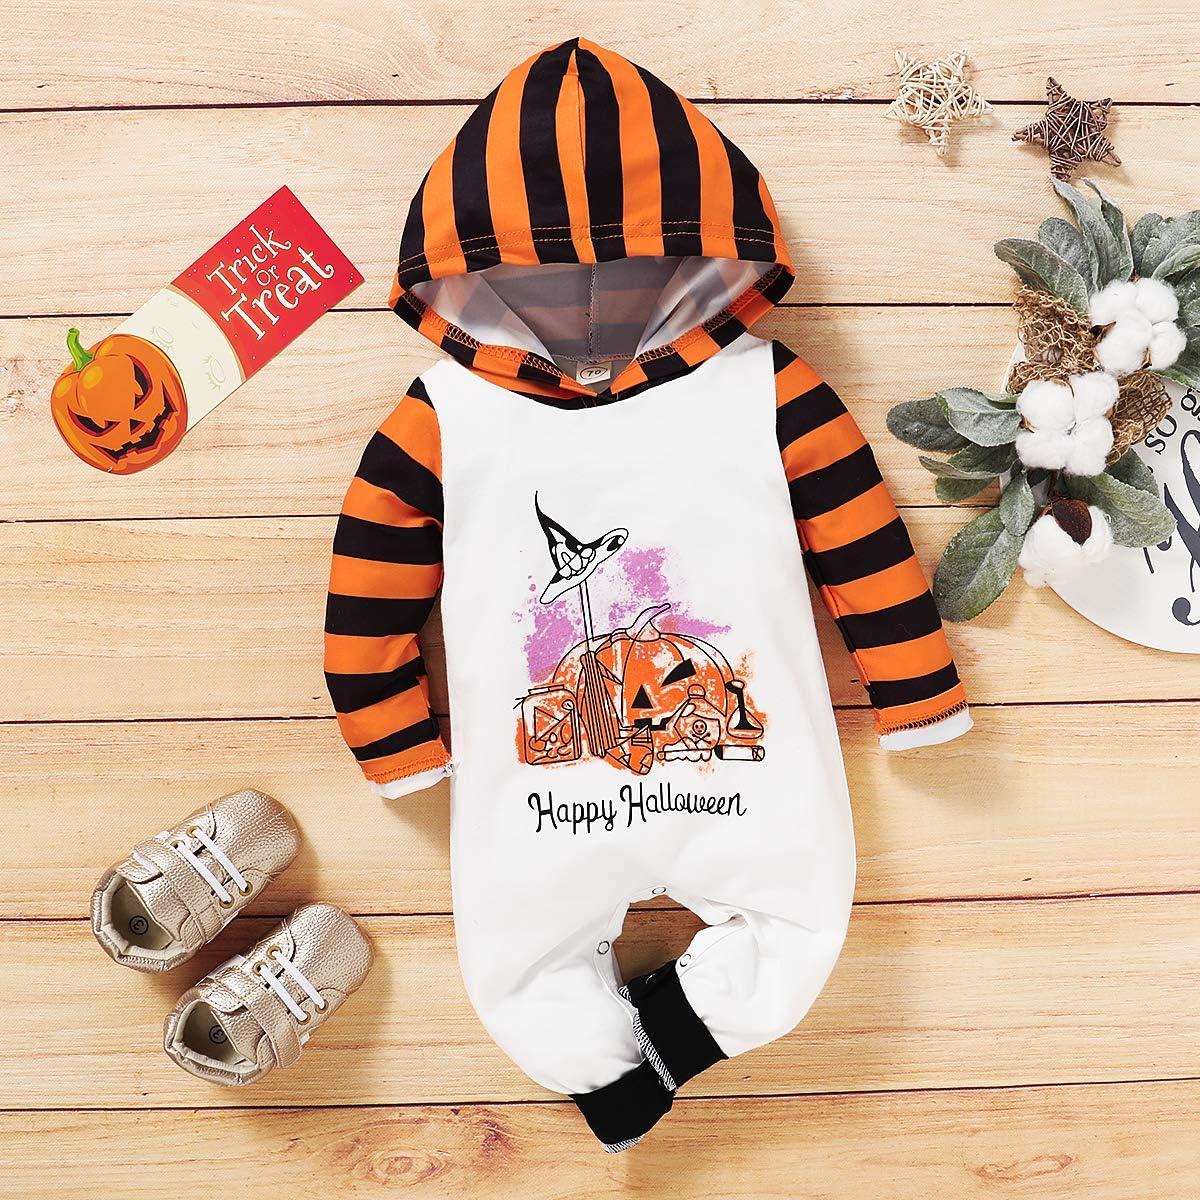 Disfraz de Halloween para Beb/é Unisex Ni/ña con Capucha Manga Larga con Estampado de Fantasma y Letras Divertidas 0-18 Meses